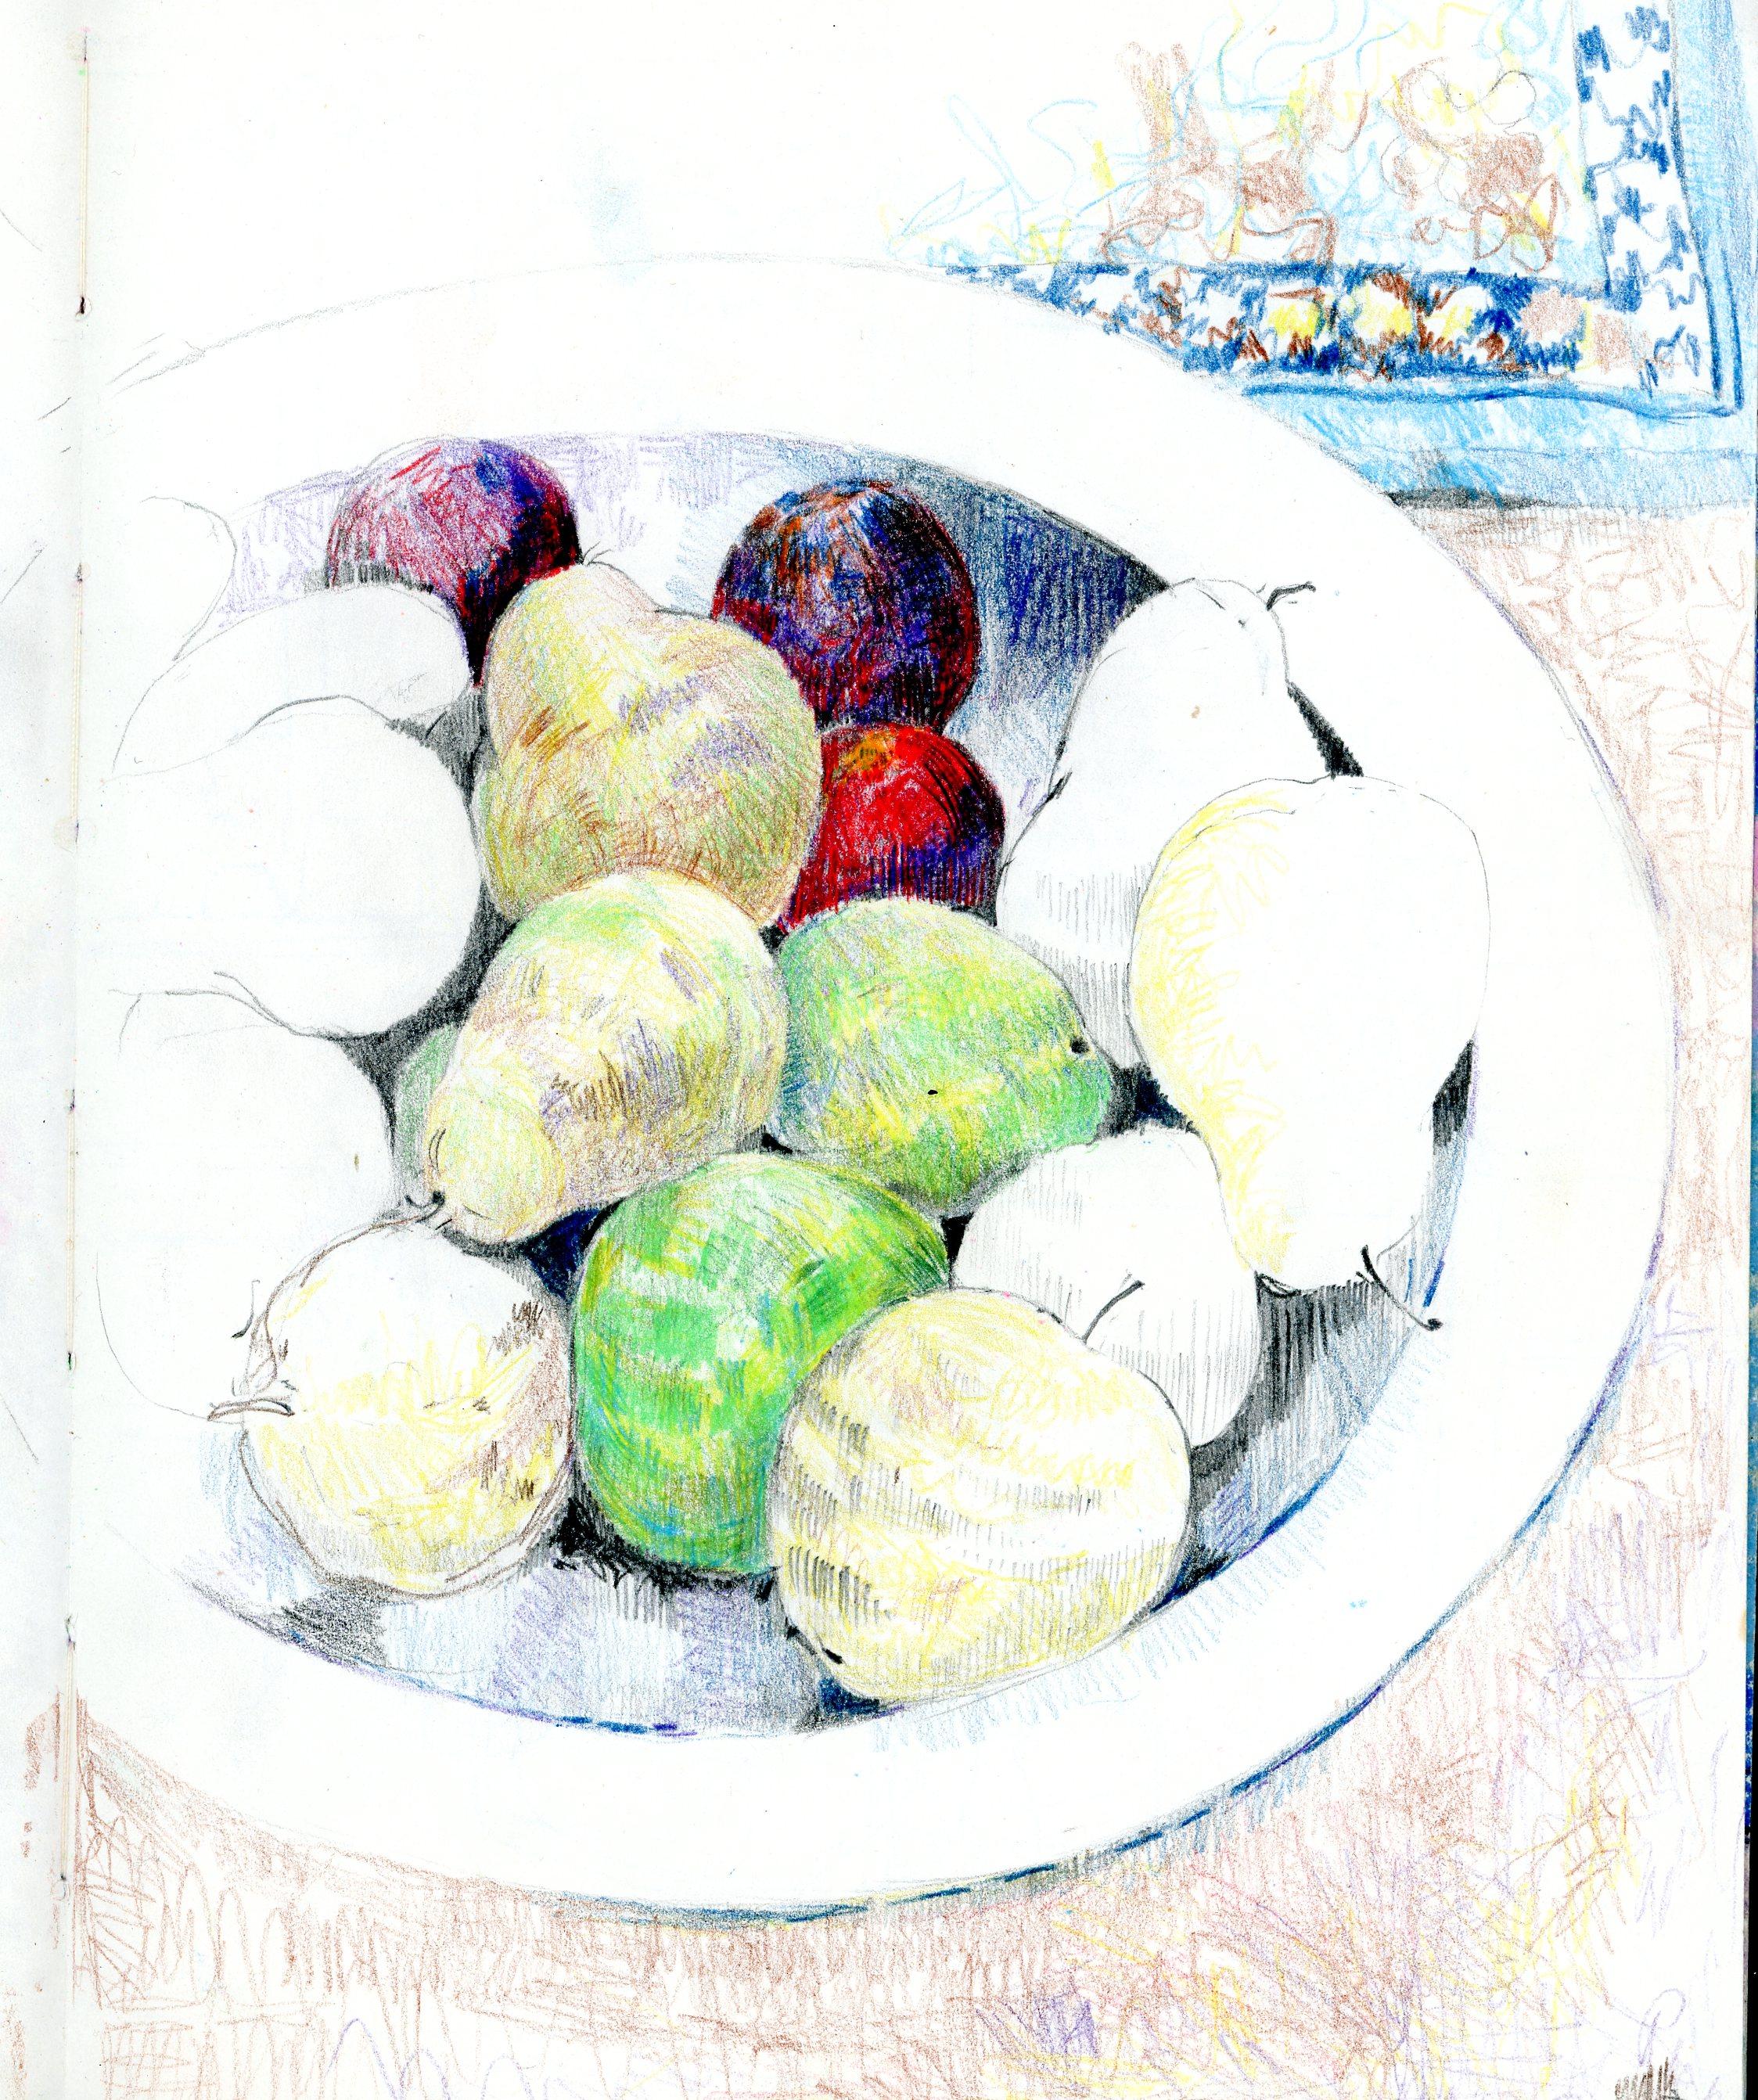 fruit-bowl-001